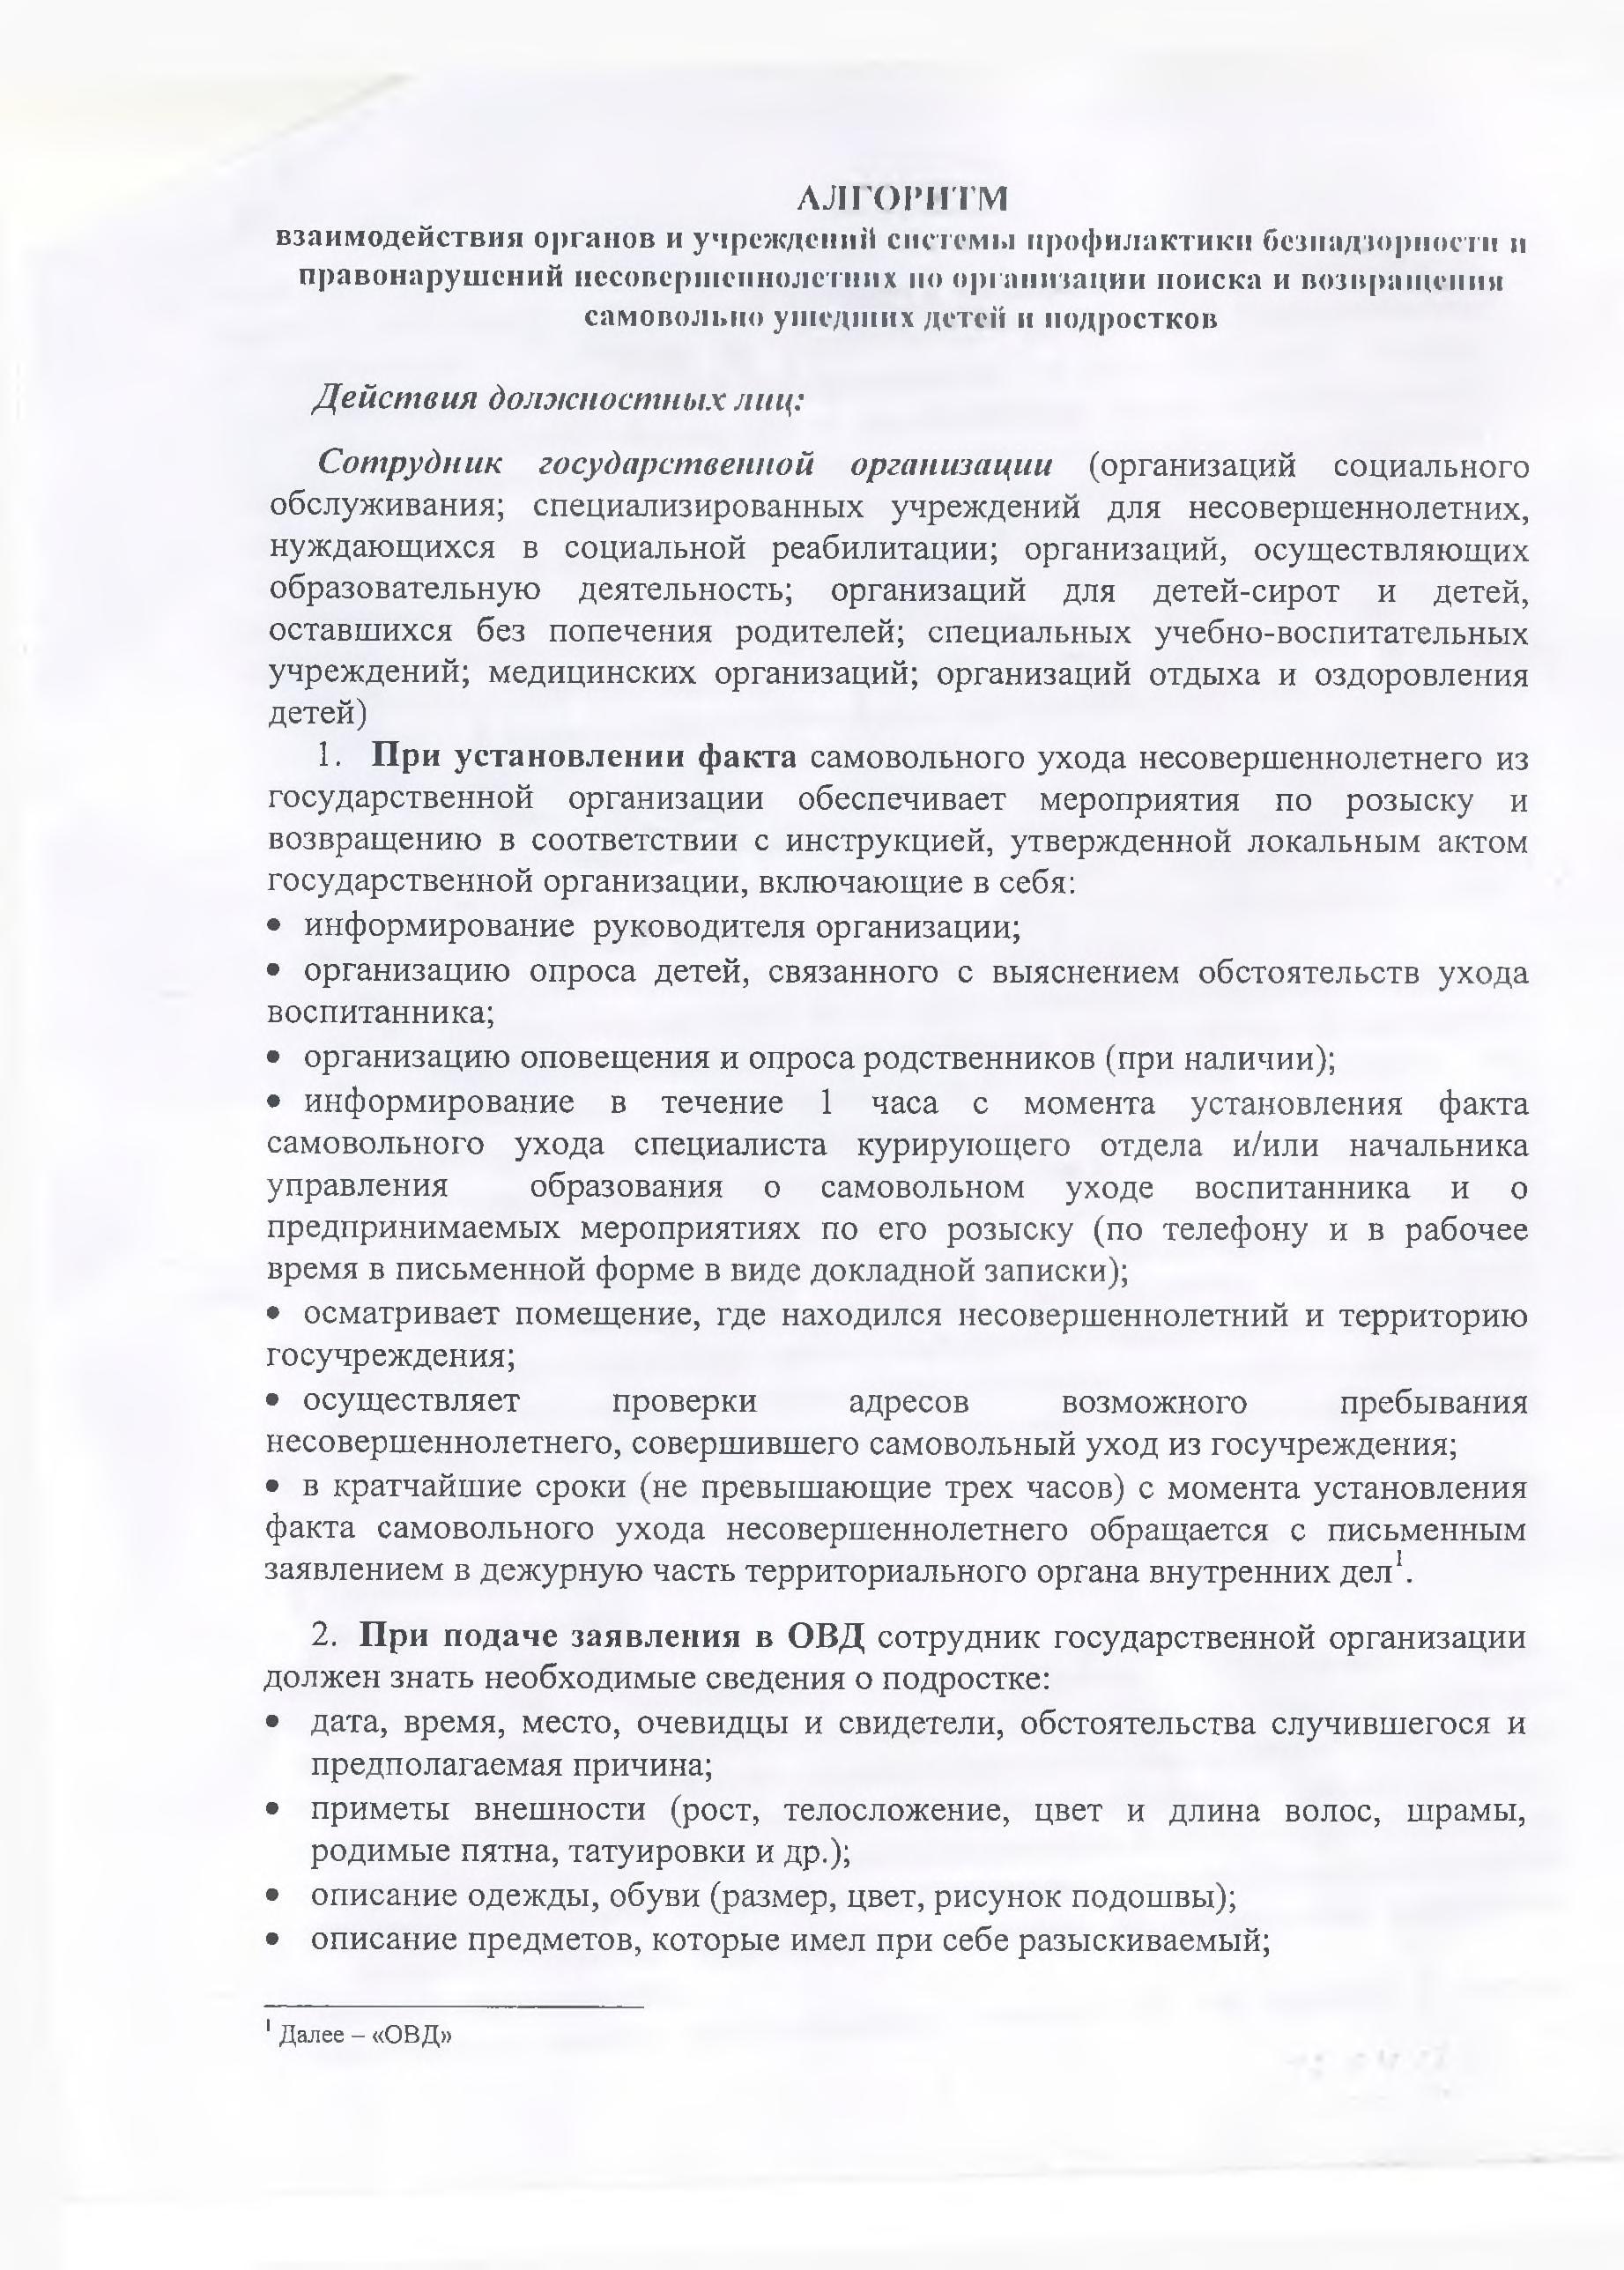 detskiidom7.ucoz.com/bezopasnost/camovol/algoritm_rozyska.pdf